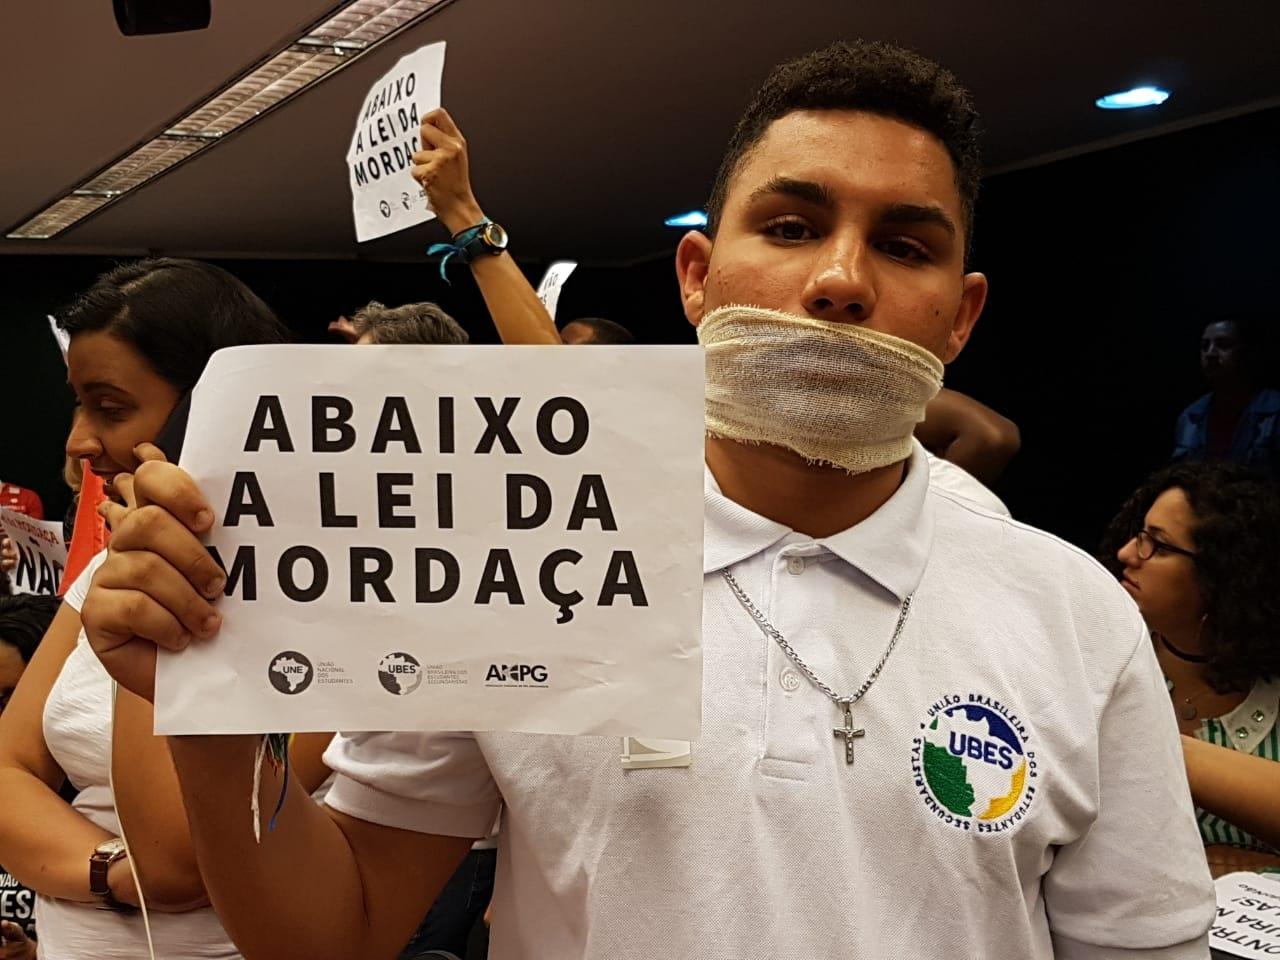 Fotos Lei da Mordaça Votacao (10)